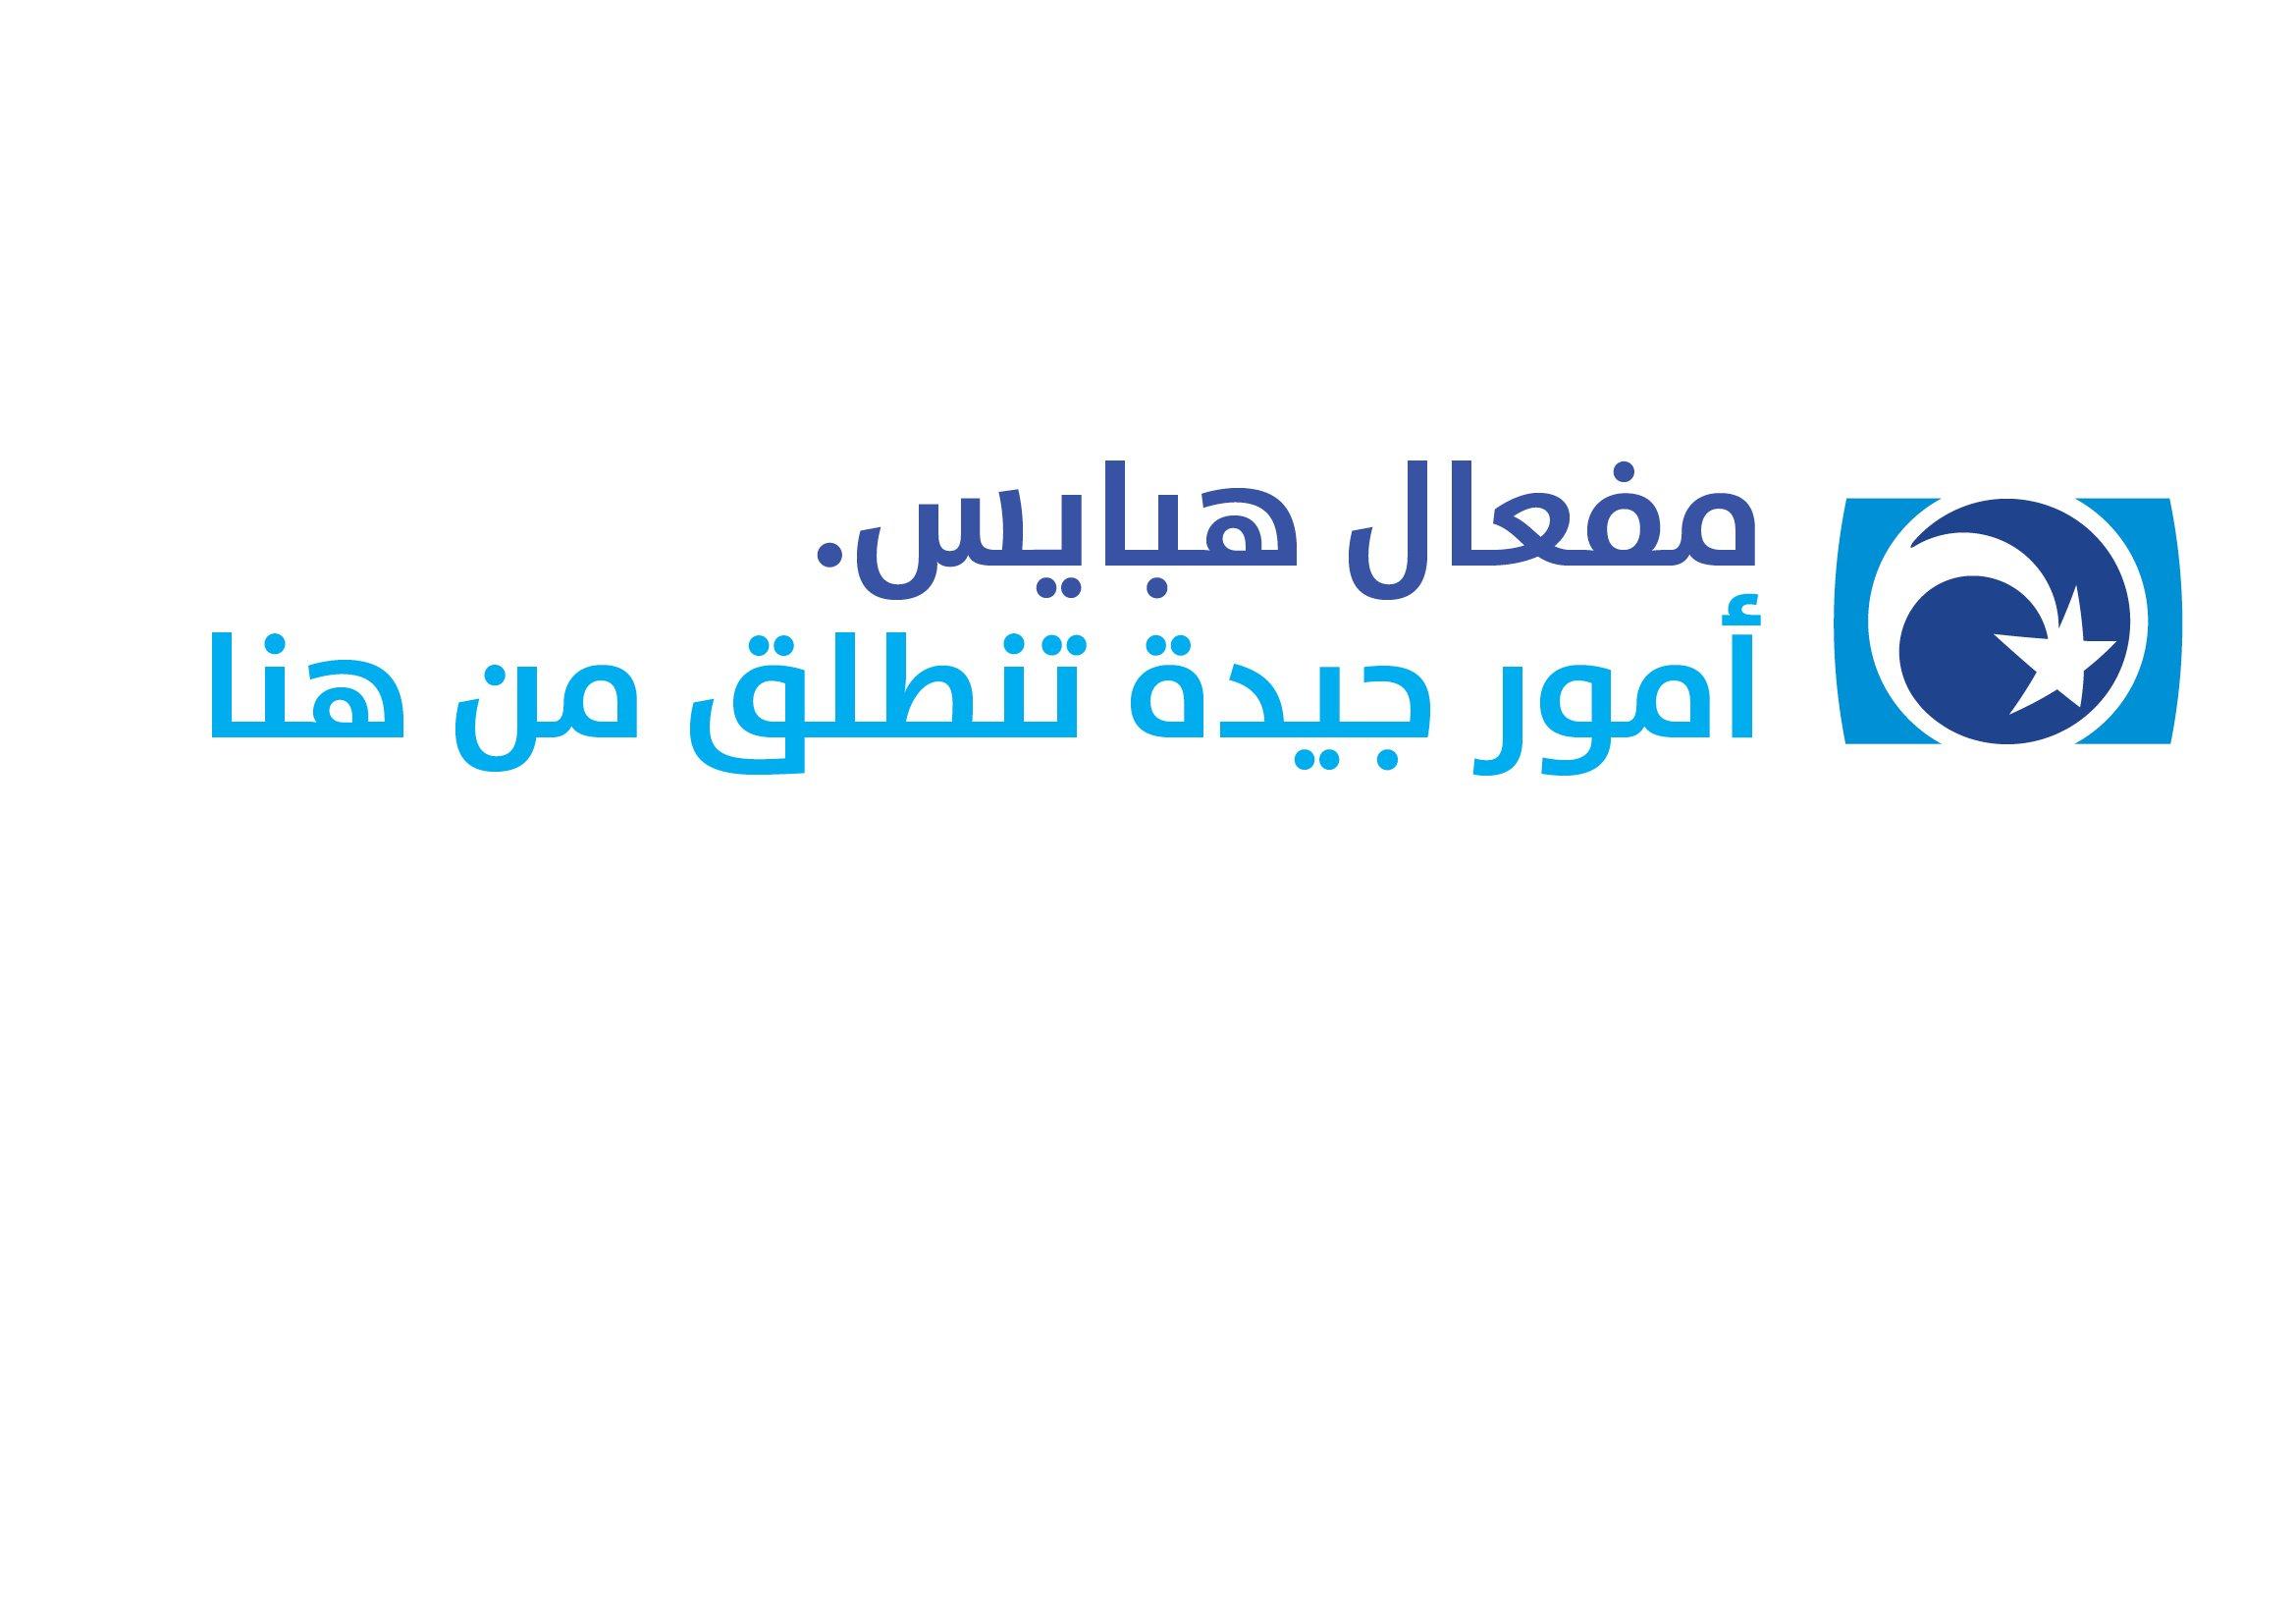 مفعال هبايس يطلق حملة ترويج خاصة للمجتمع العربي-1